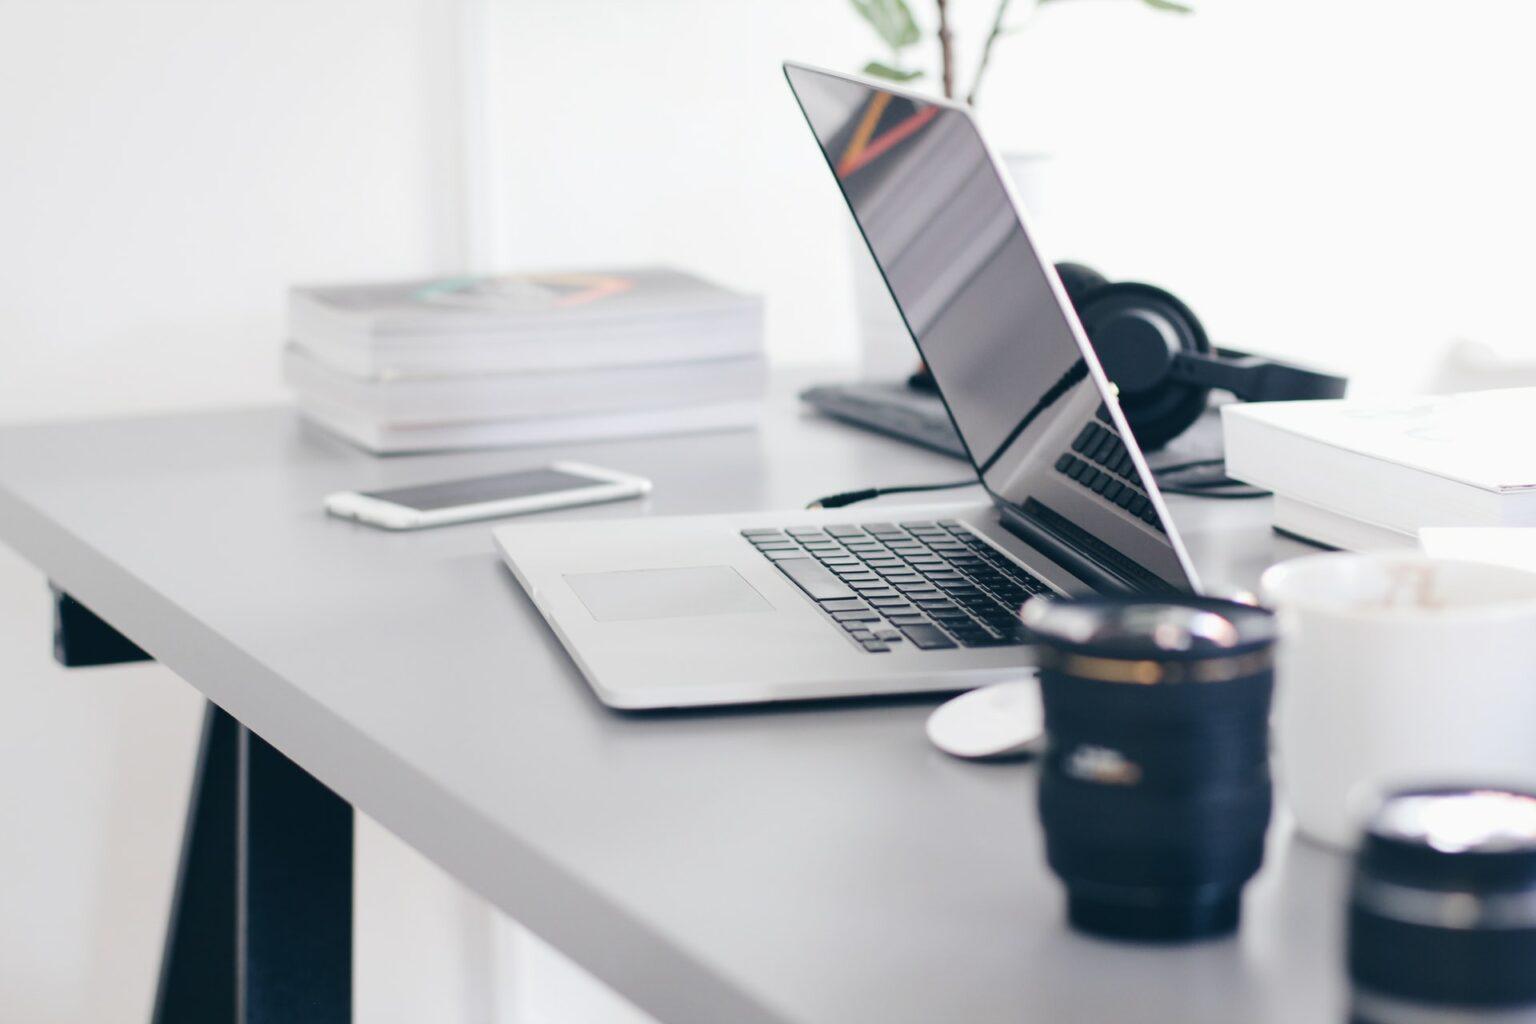 Foto von einem Schreibtisch mit Laptop, Kaffeetasse, Büchern und weiteren Arbeitsmaterialien. Foto zum Thema persönliches Wissensmanagement.